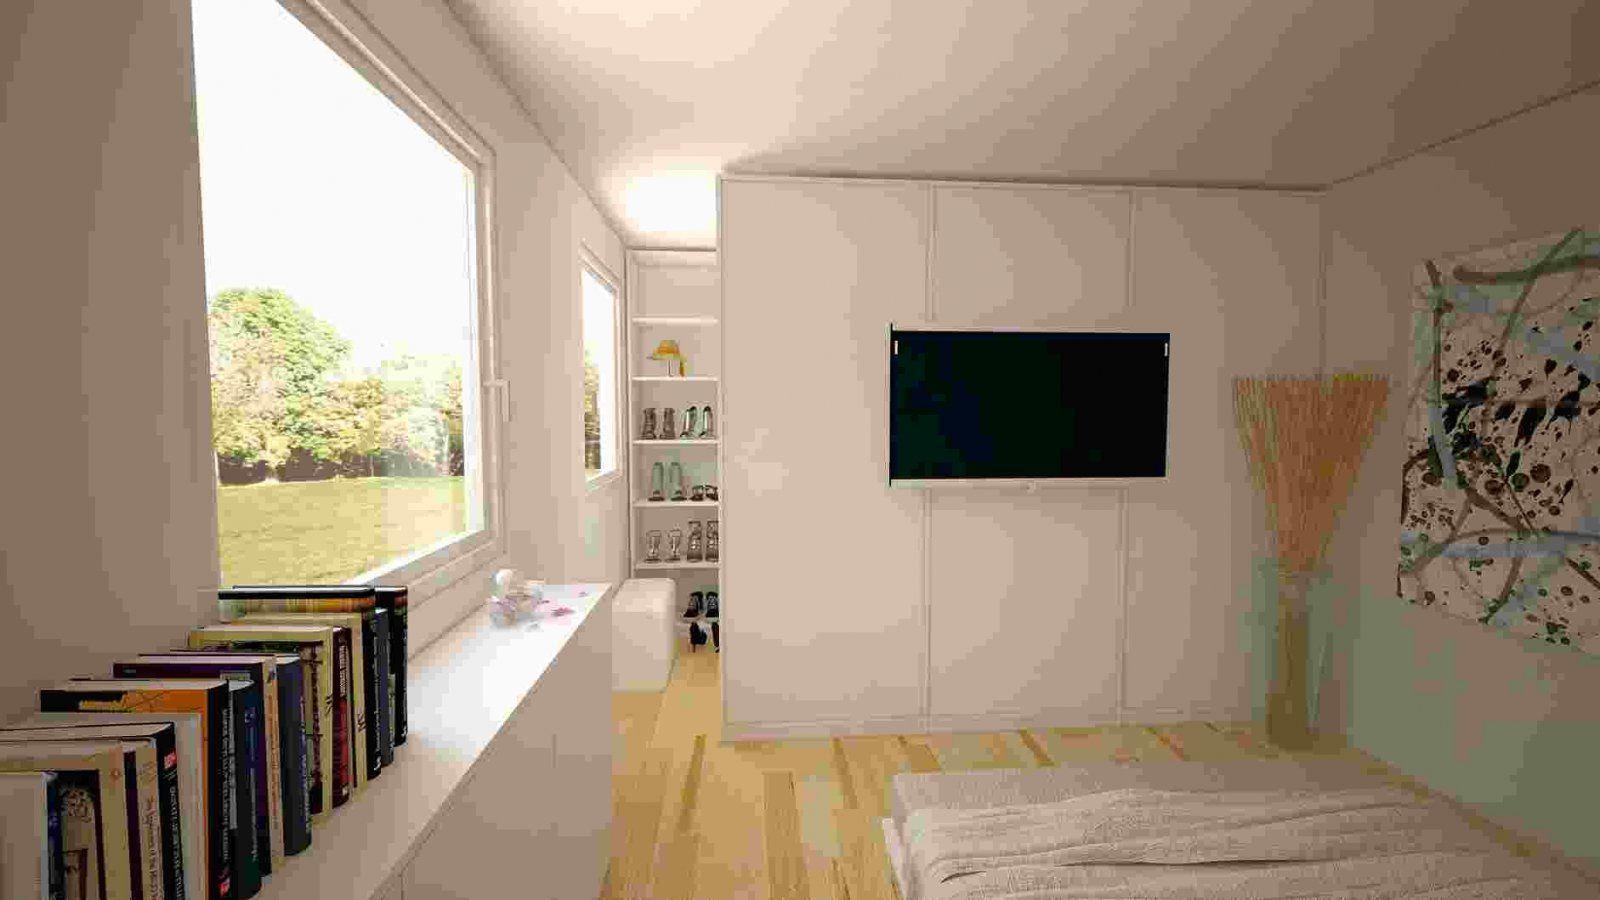 Schlafzimmer Kleiner Raum Schlafzimmer Gestalten Kleiner Raum von Schlafzimmer Einrichten Kleiner Raum Bild